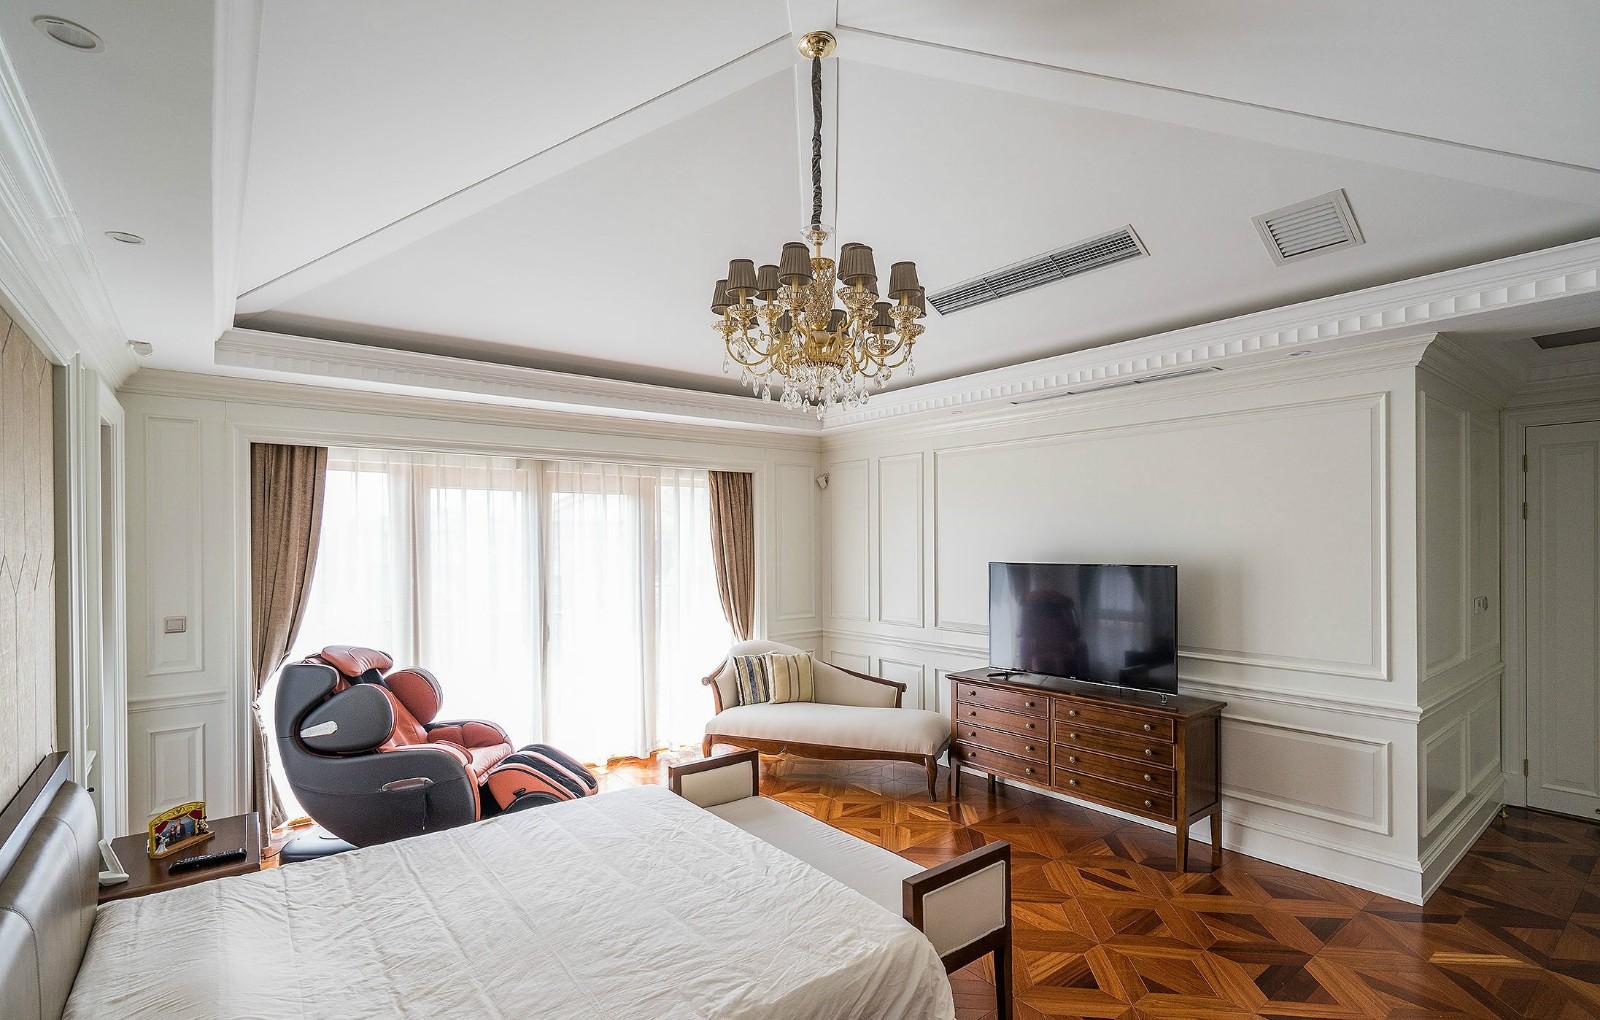 欧式混搭风格别墅客厅装修效果图